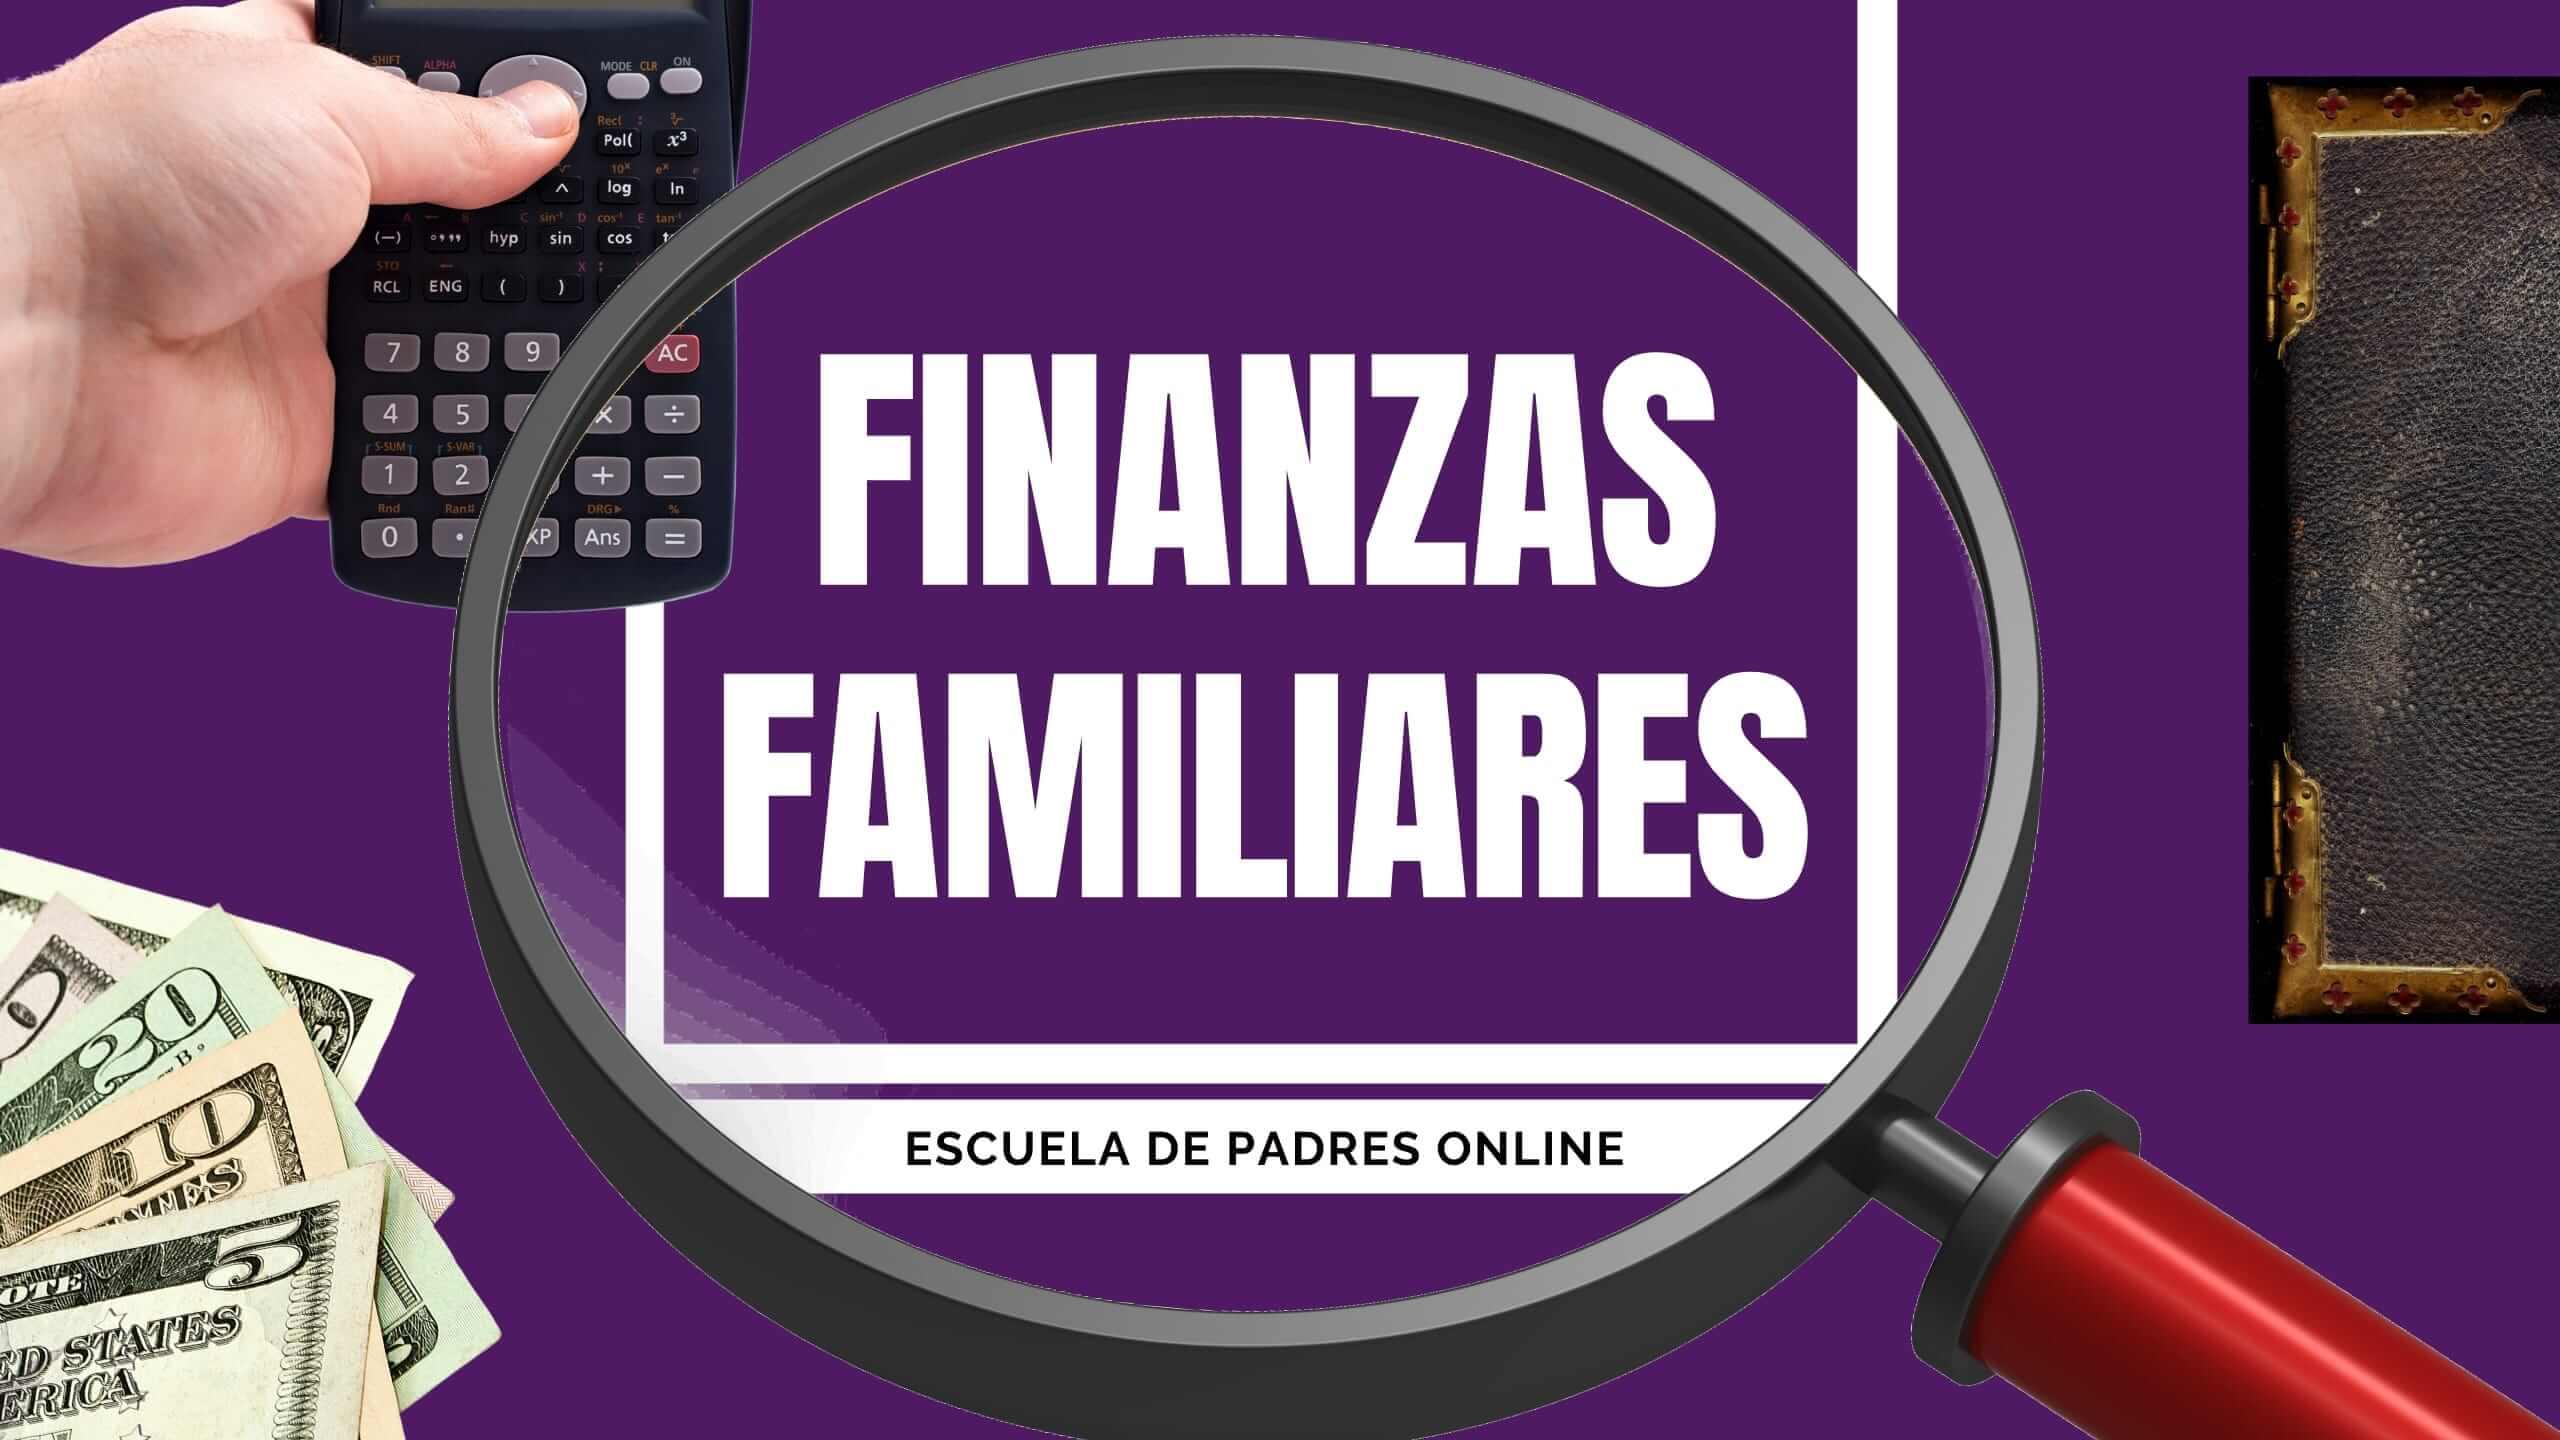 Escuela de padres online_Curso_Finanzas familiares